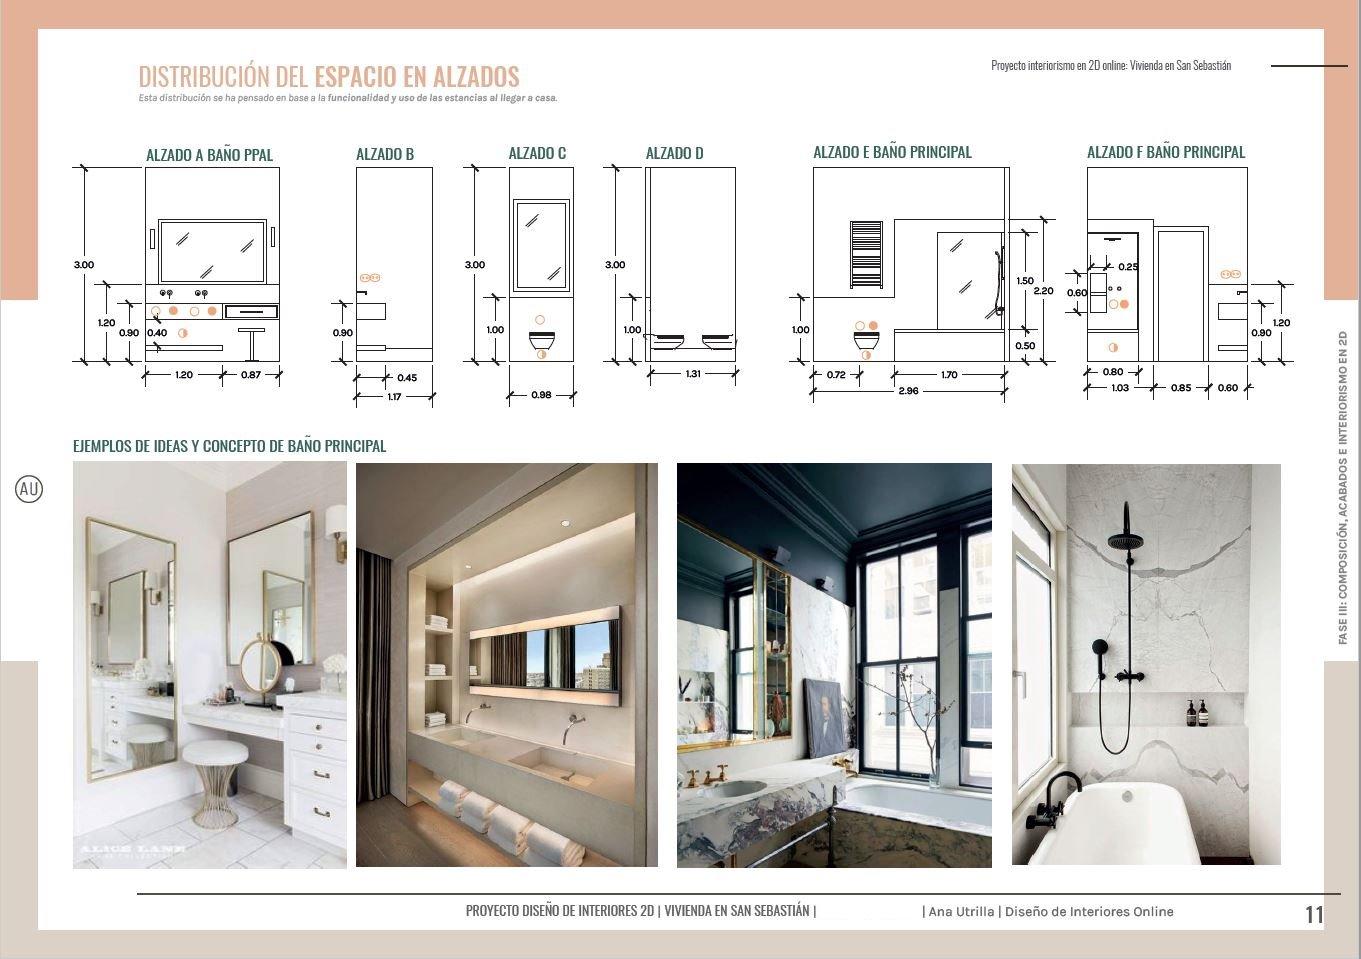 Alzado en 2D baño en suite, vivienda en San Sebastián de estilo francés. Cotas, e instalaciones para trasladar tus ideas a los gremios durante la reforma de tu hogar. #AnaUtrilla #serviciosdeinteriorismoonline